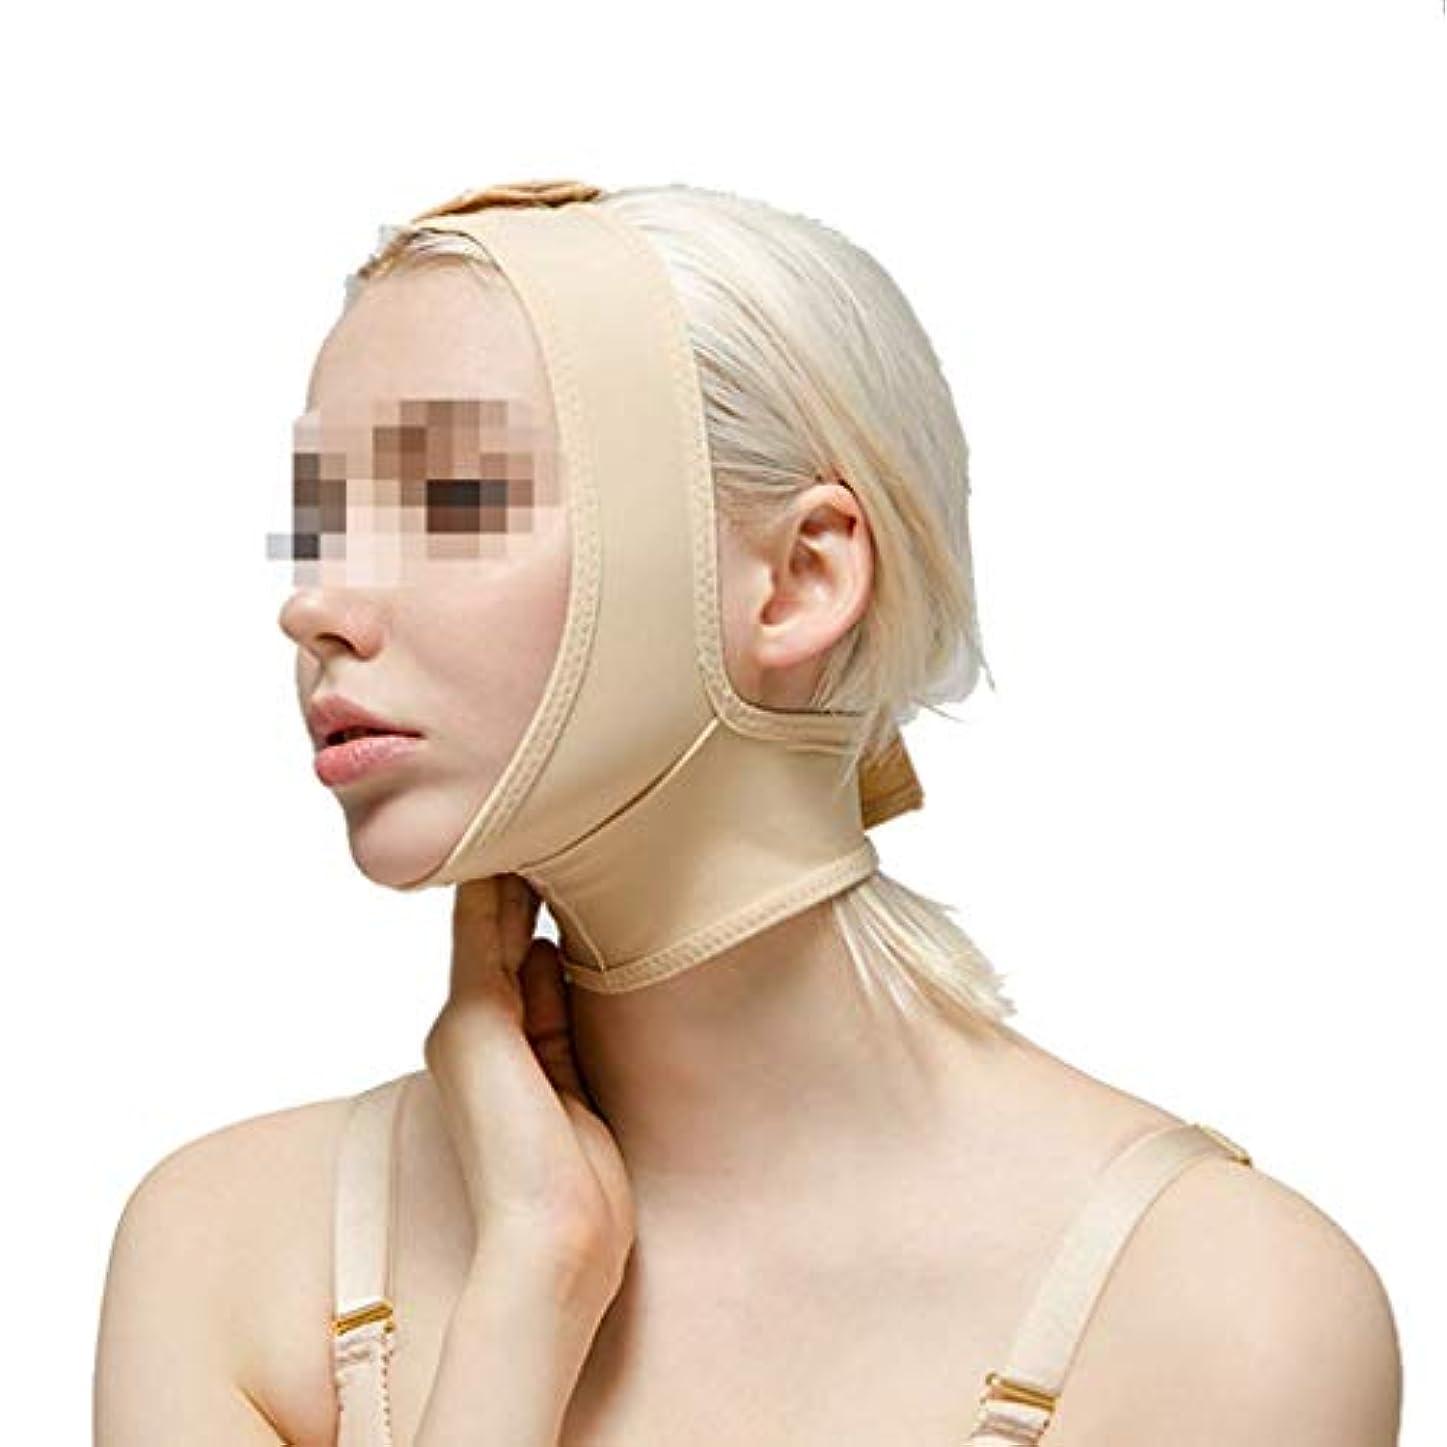 ごめんなさいセンチメンタル抗生物質術後伸縮性スリーブ、下顎束フェイスバンデージフェイシャルビームダブルチンシンフェイスマスクマルチサイズオプション(サイズ:L),ザ?